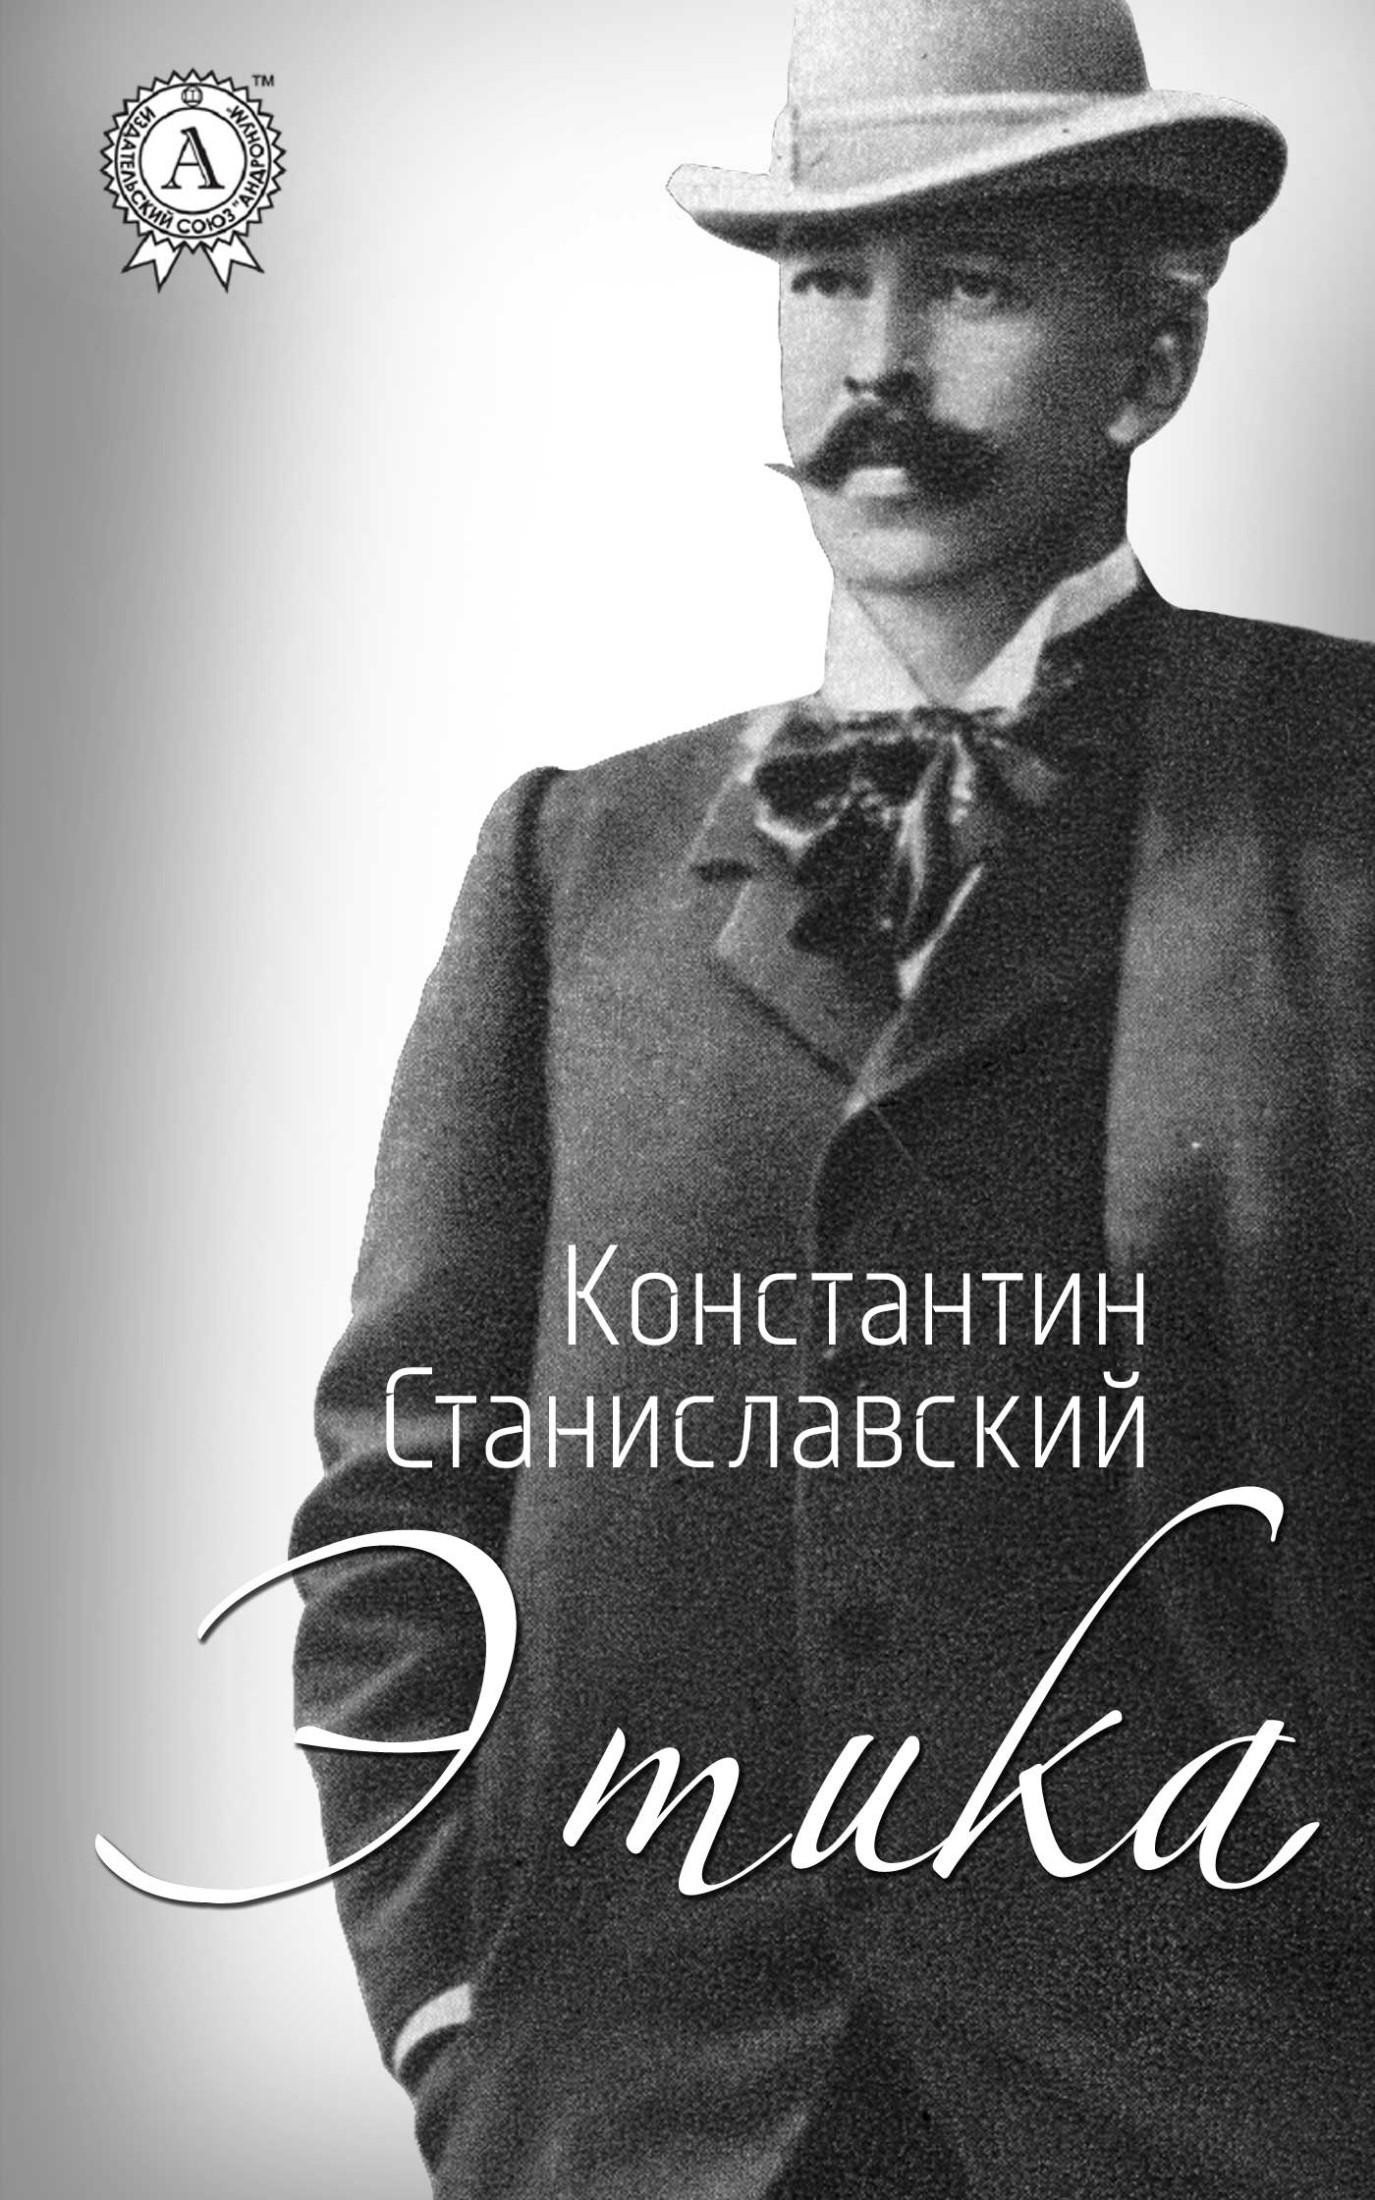 Константин Станиславский Этика